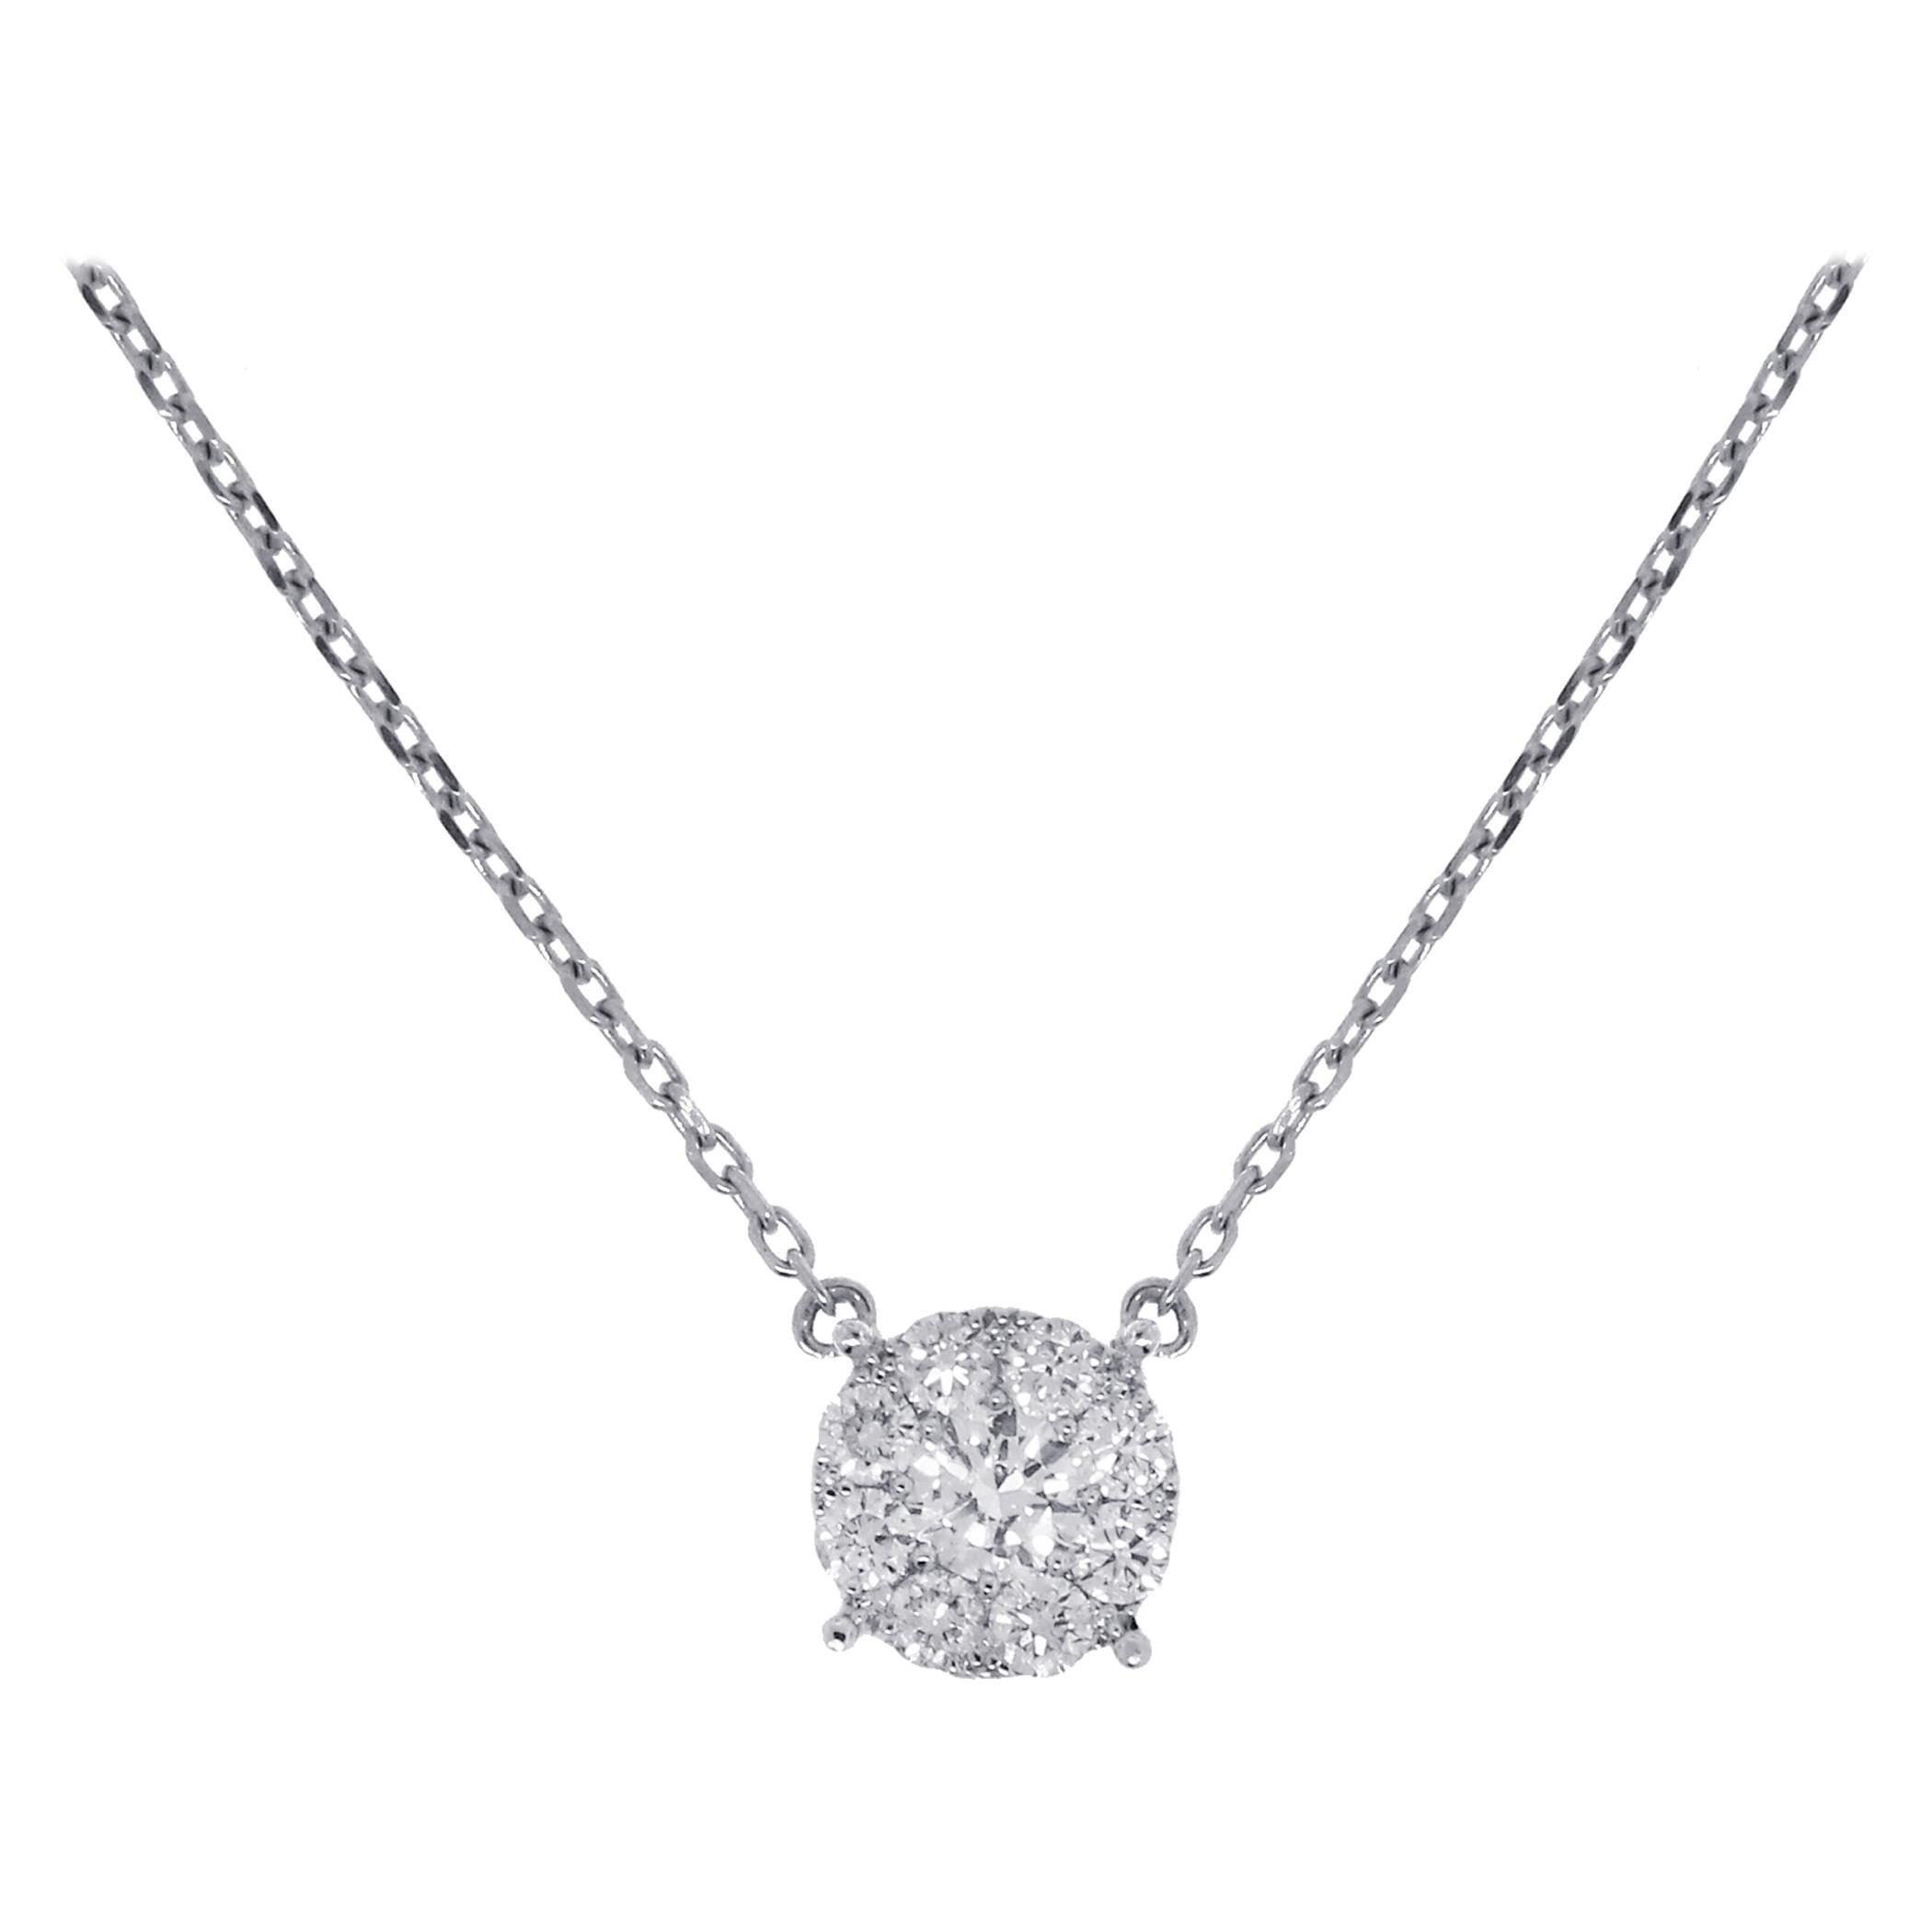 0.72 Carat Diamond Cluster Pendant Necklace